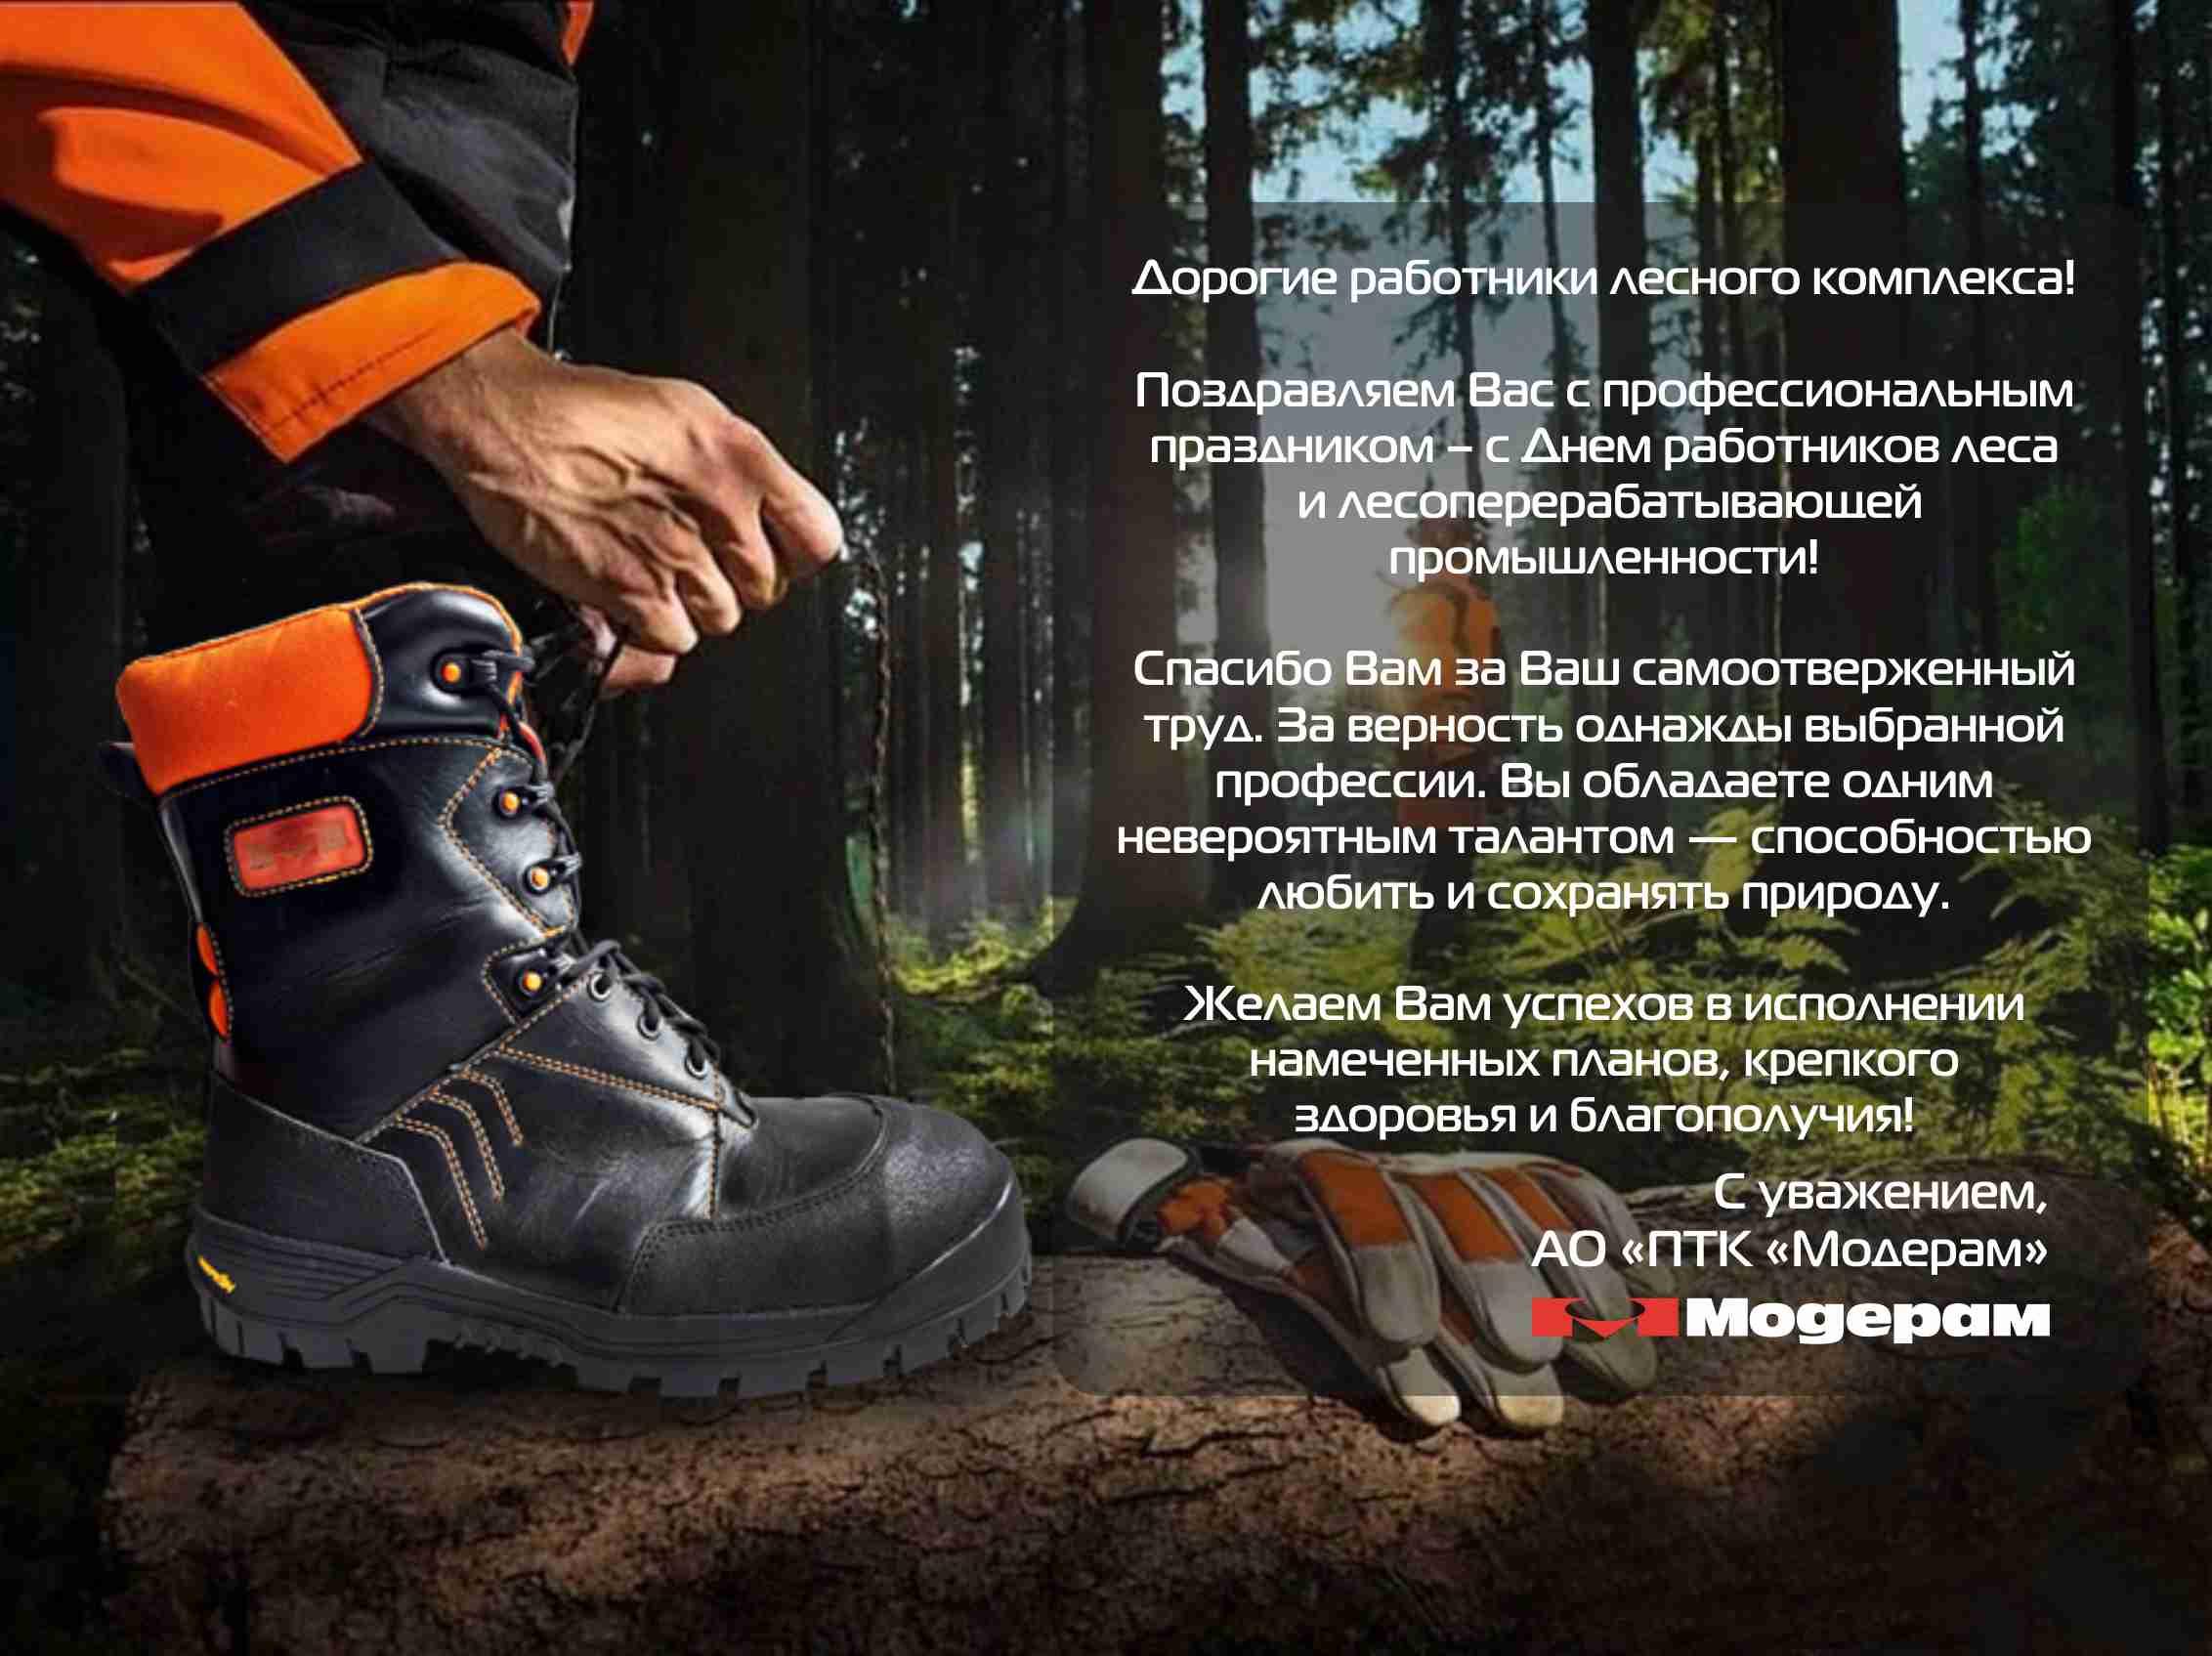 День работников леса и лесоперерабатывающей промышленности поздравления фото 643